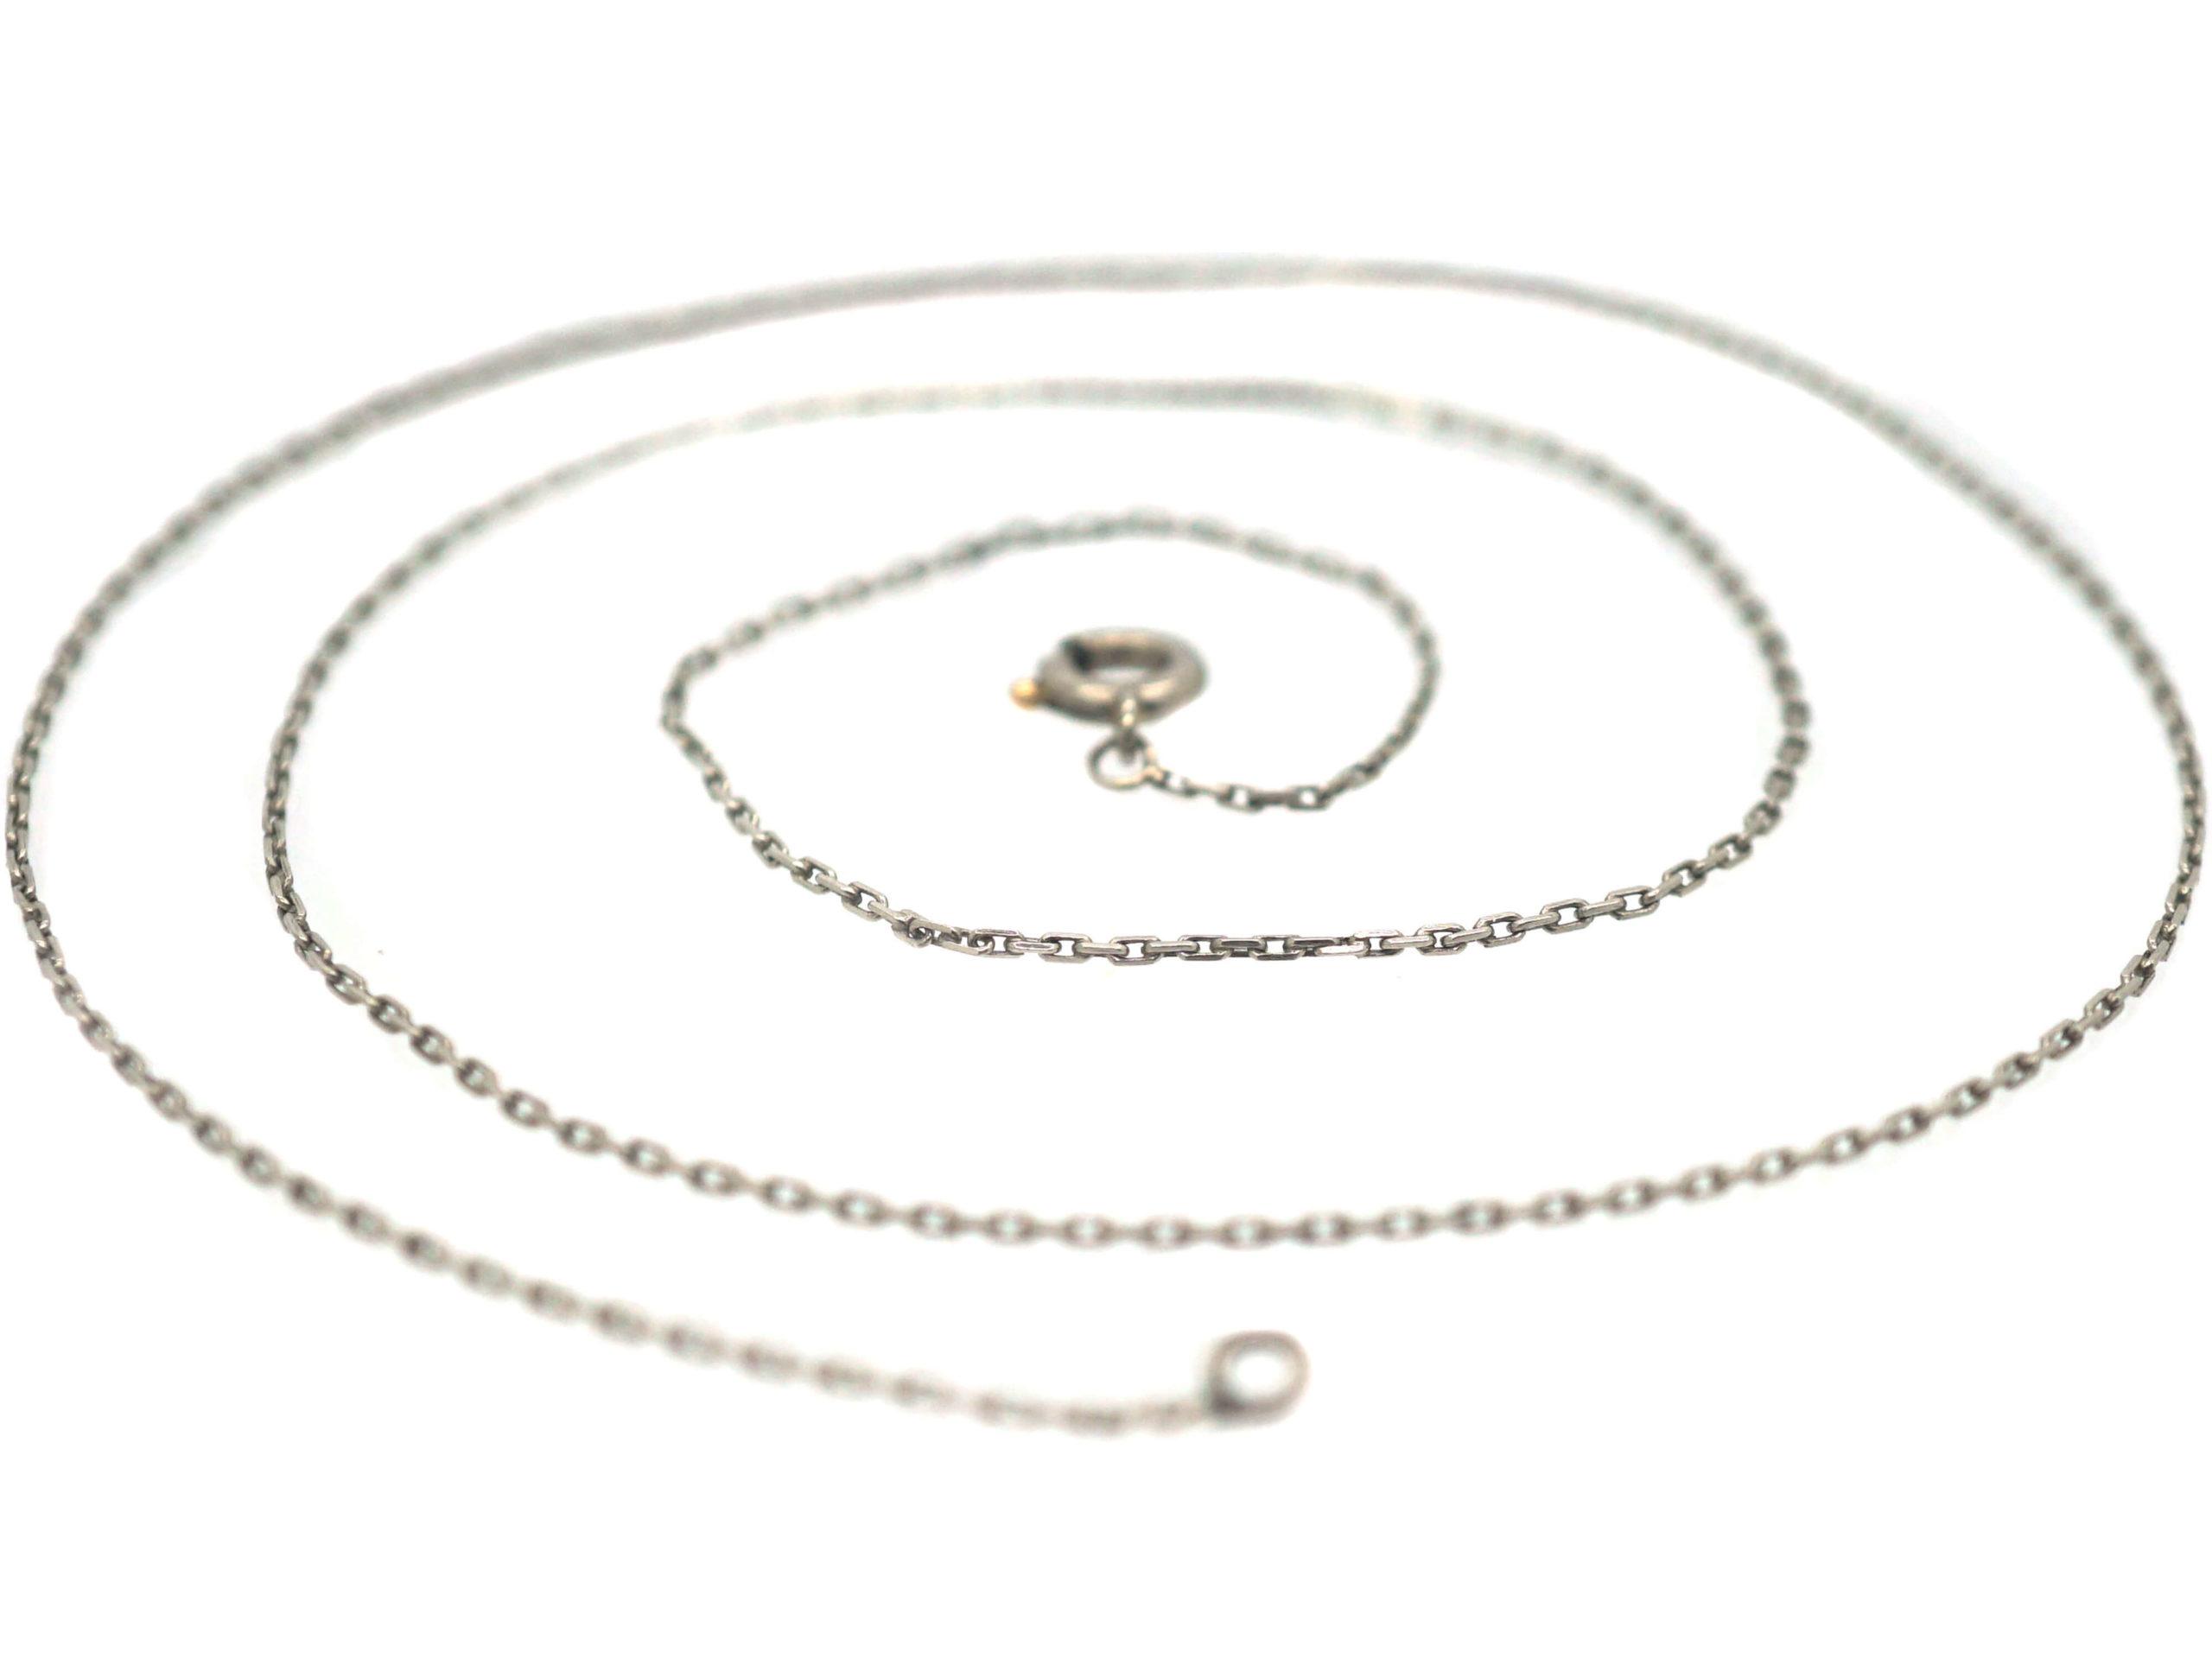 Edwardian Fine Platinum Chain